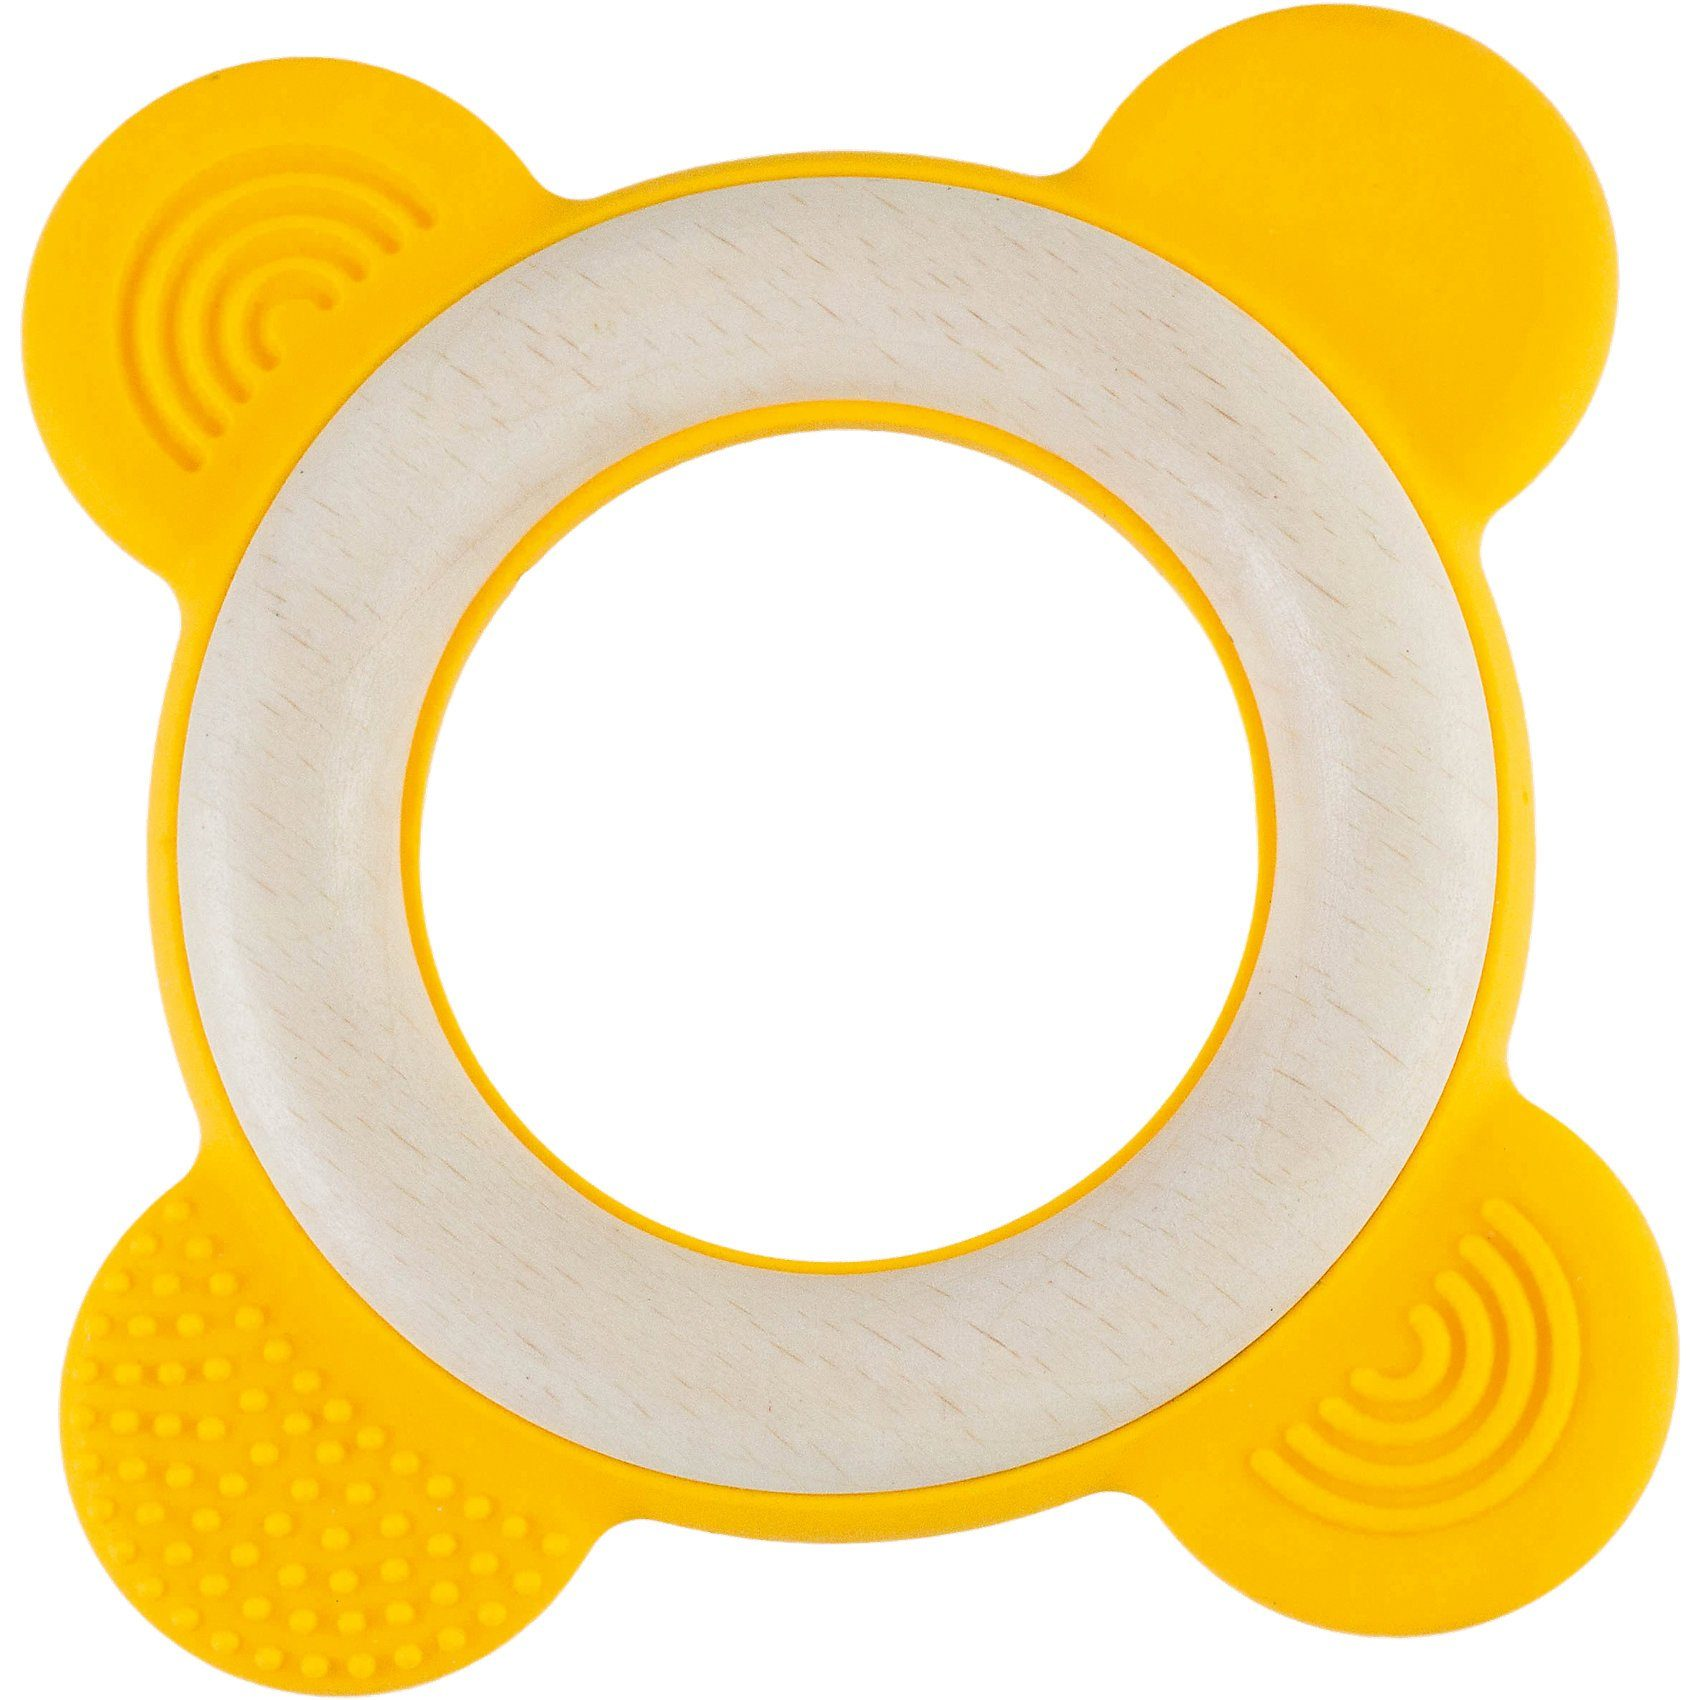 RingO+ Holzgreifling gelb